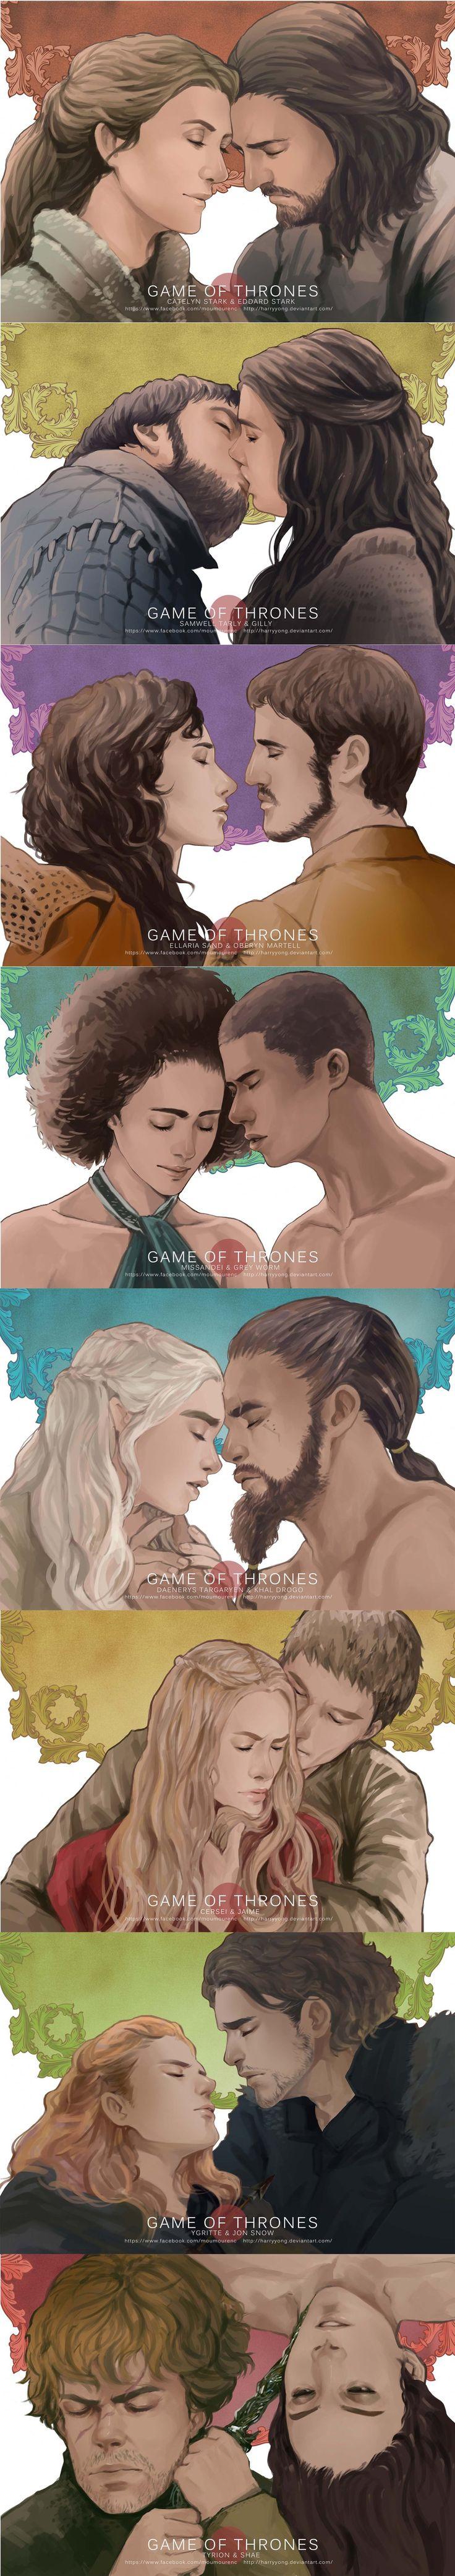 Les couples de Game of Thrones façon fan art